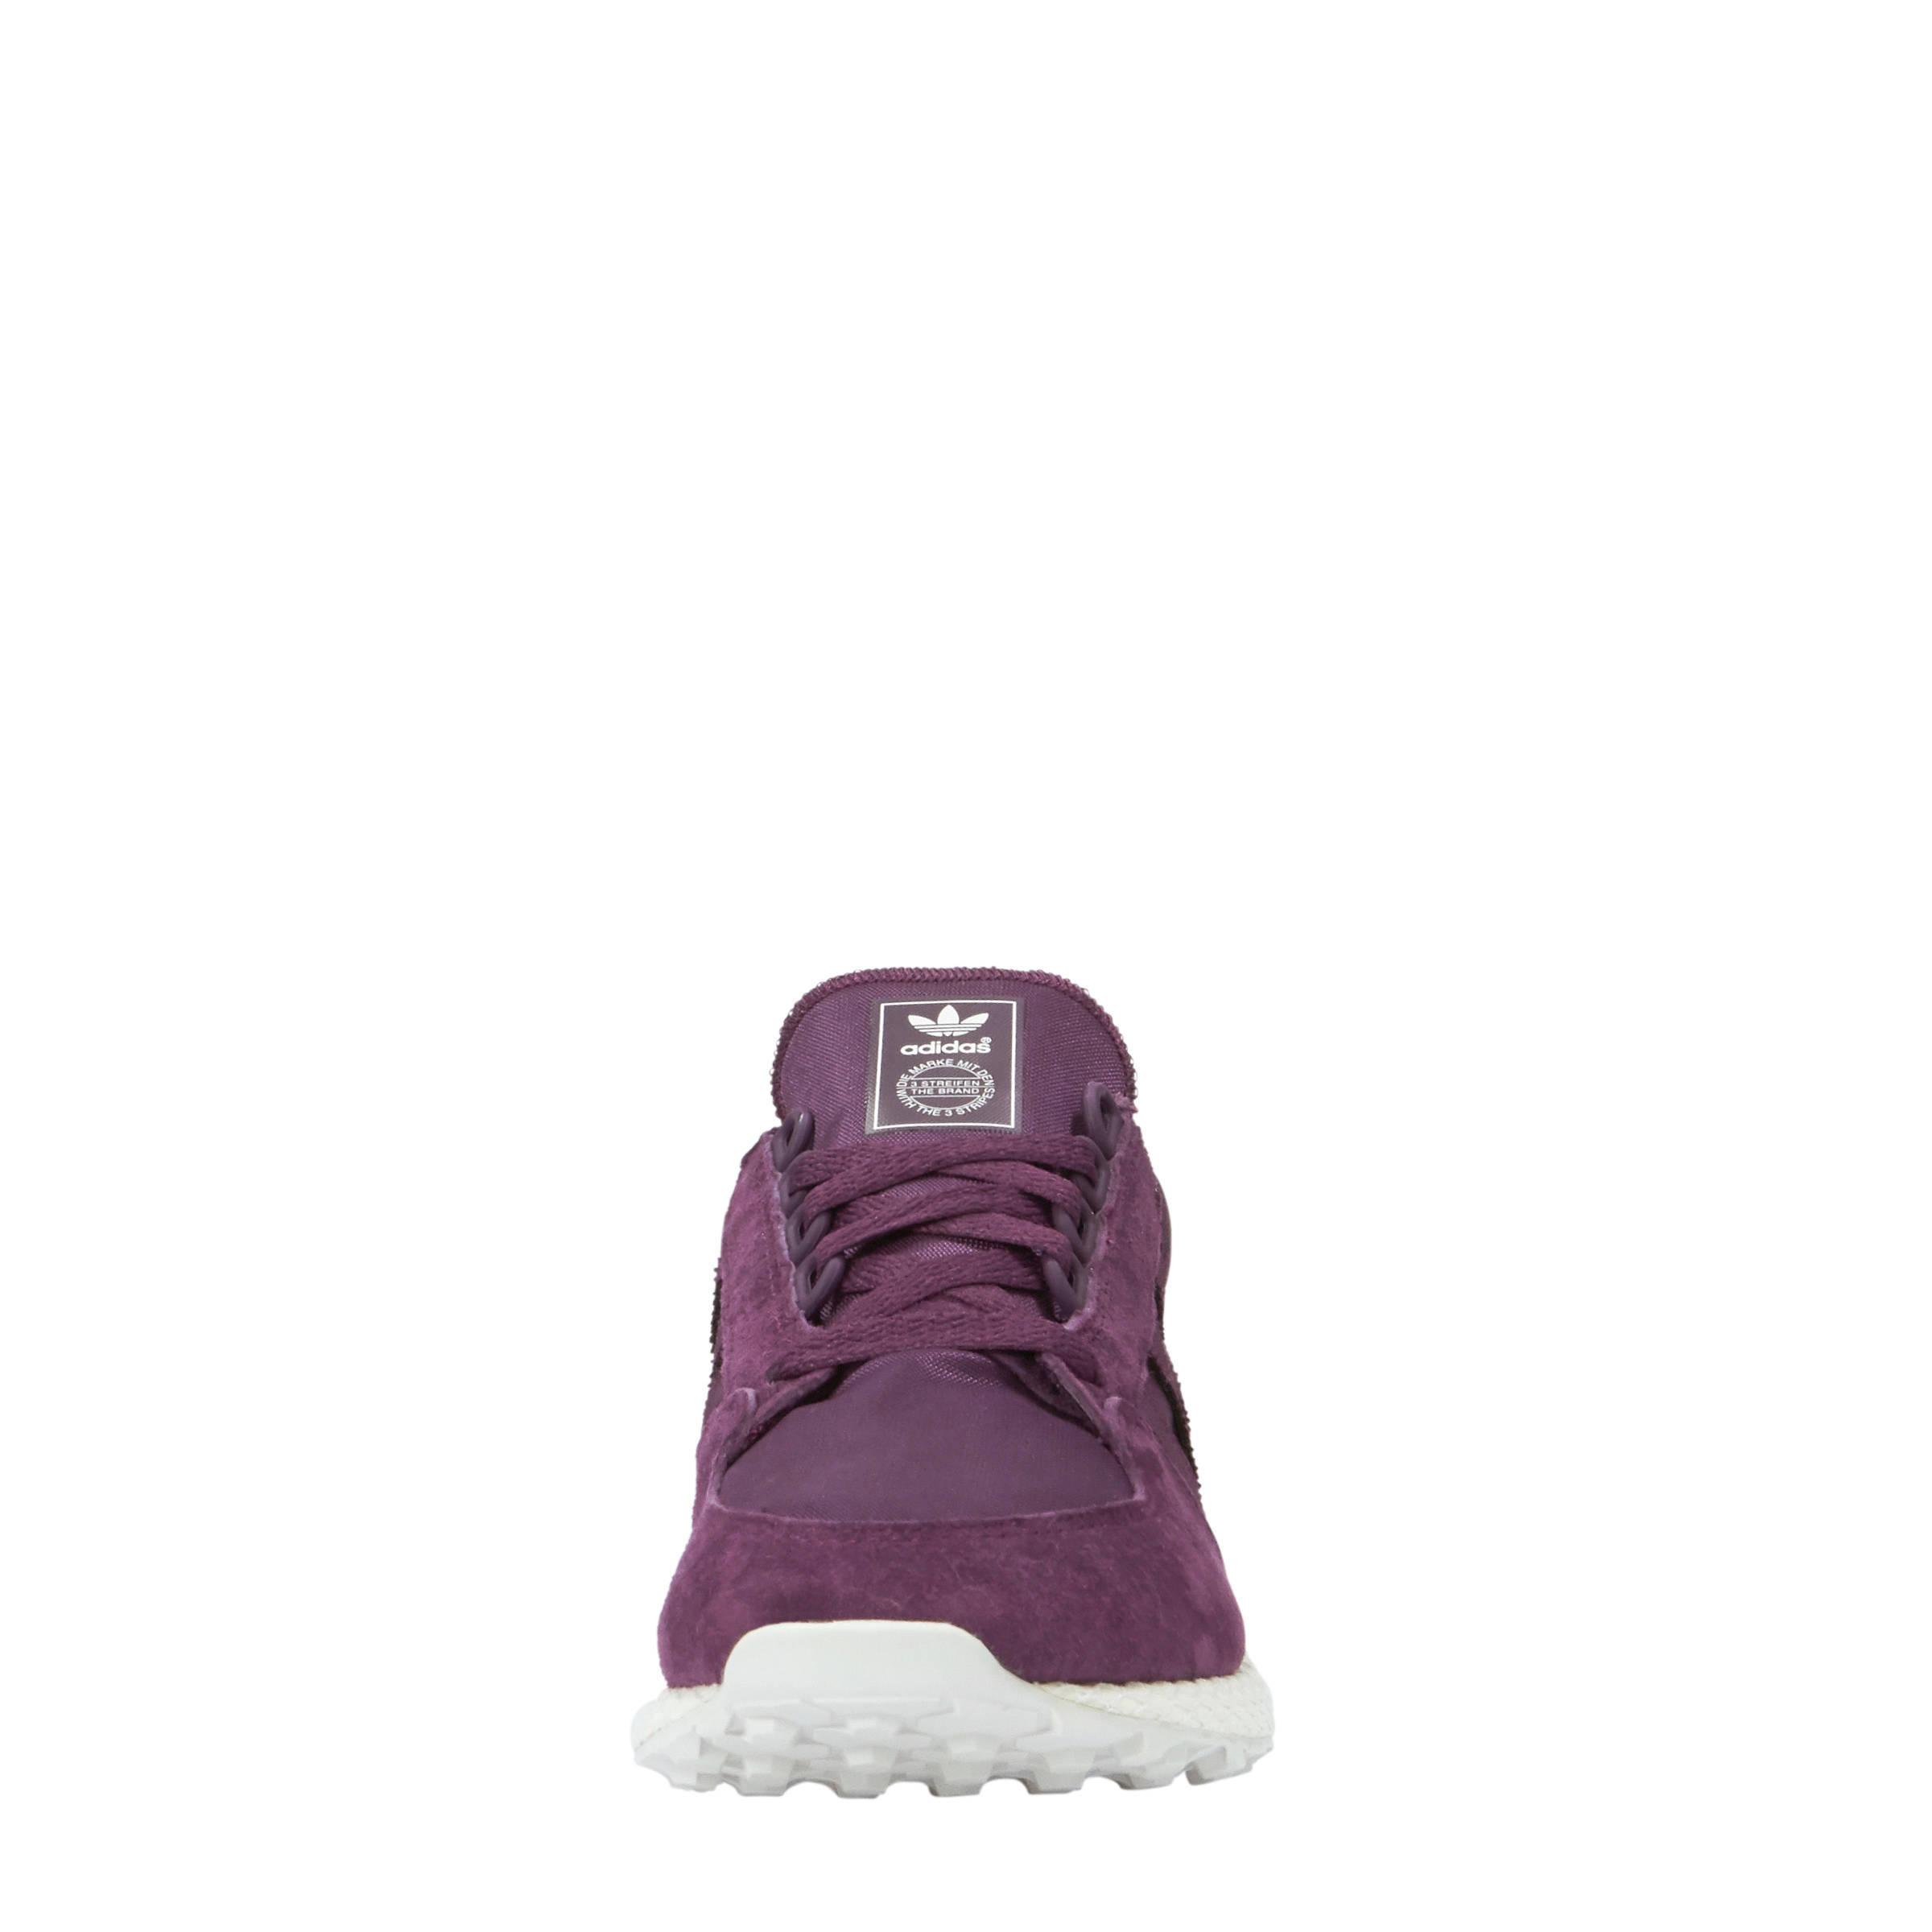 adidas schoenen paars